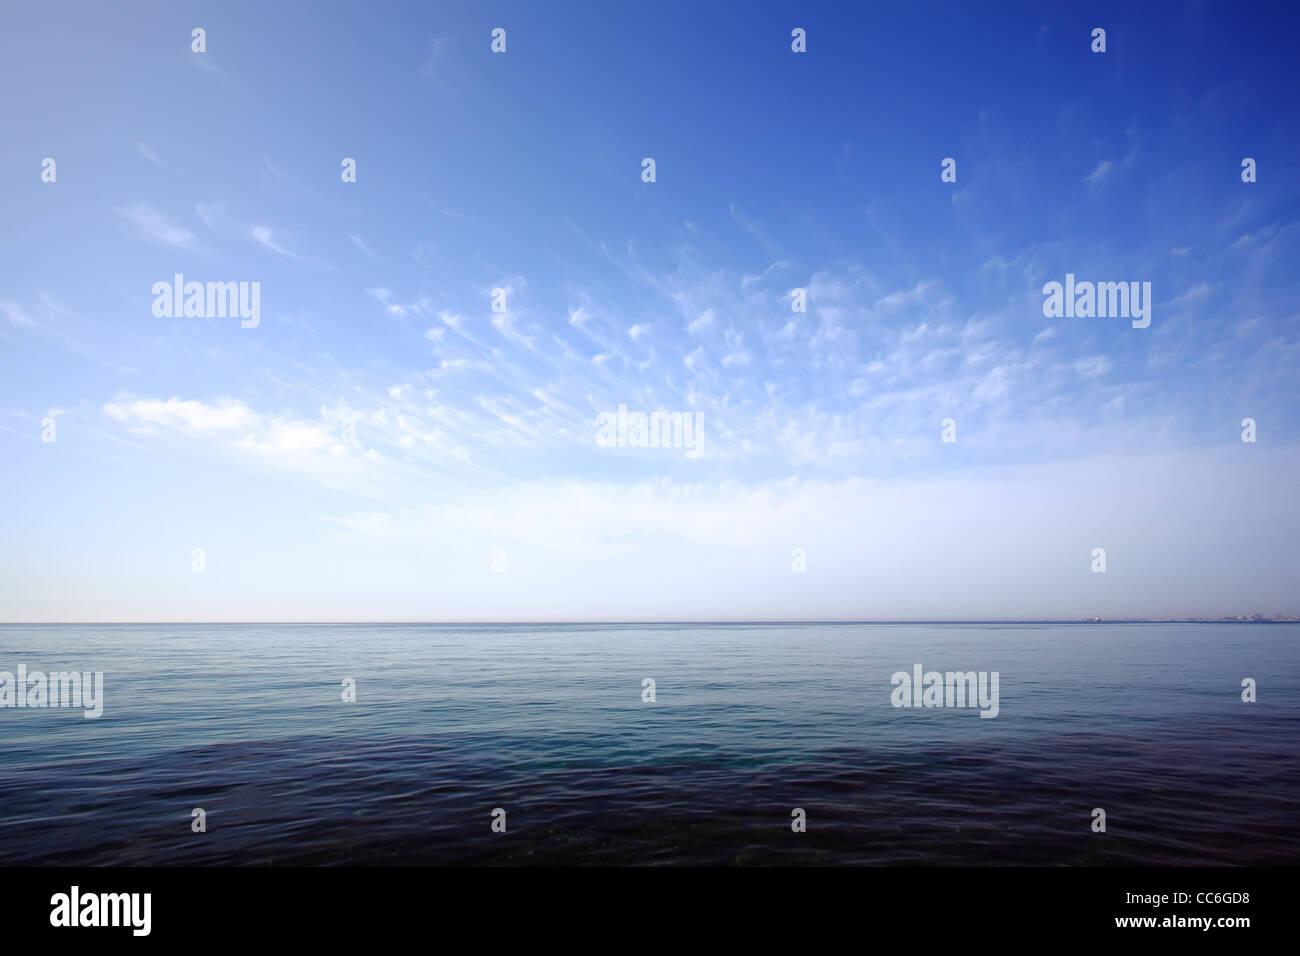 Cielo e mare sullo sfondo. Natura seascape. Città su un orizzonte. Larnaca, Cipro. Immagini Stock